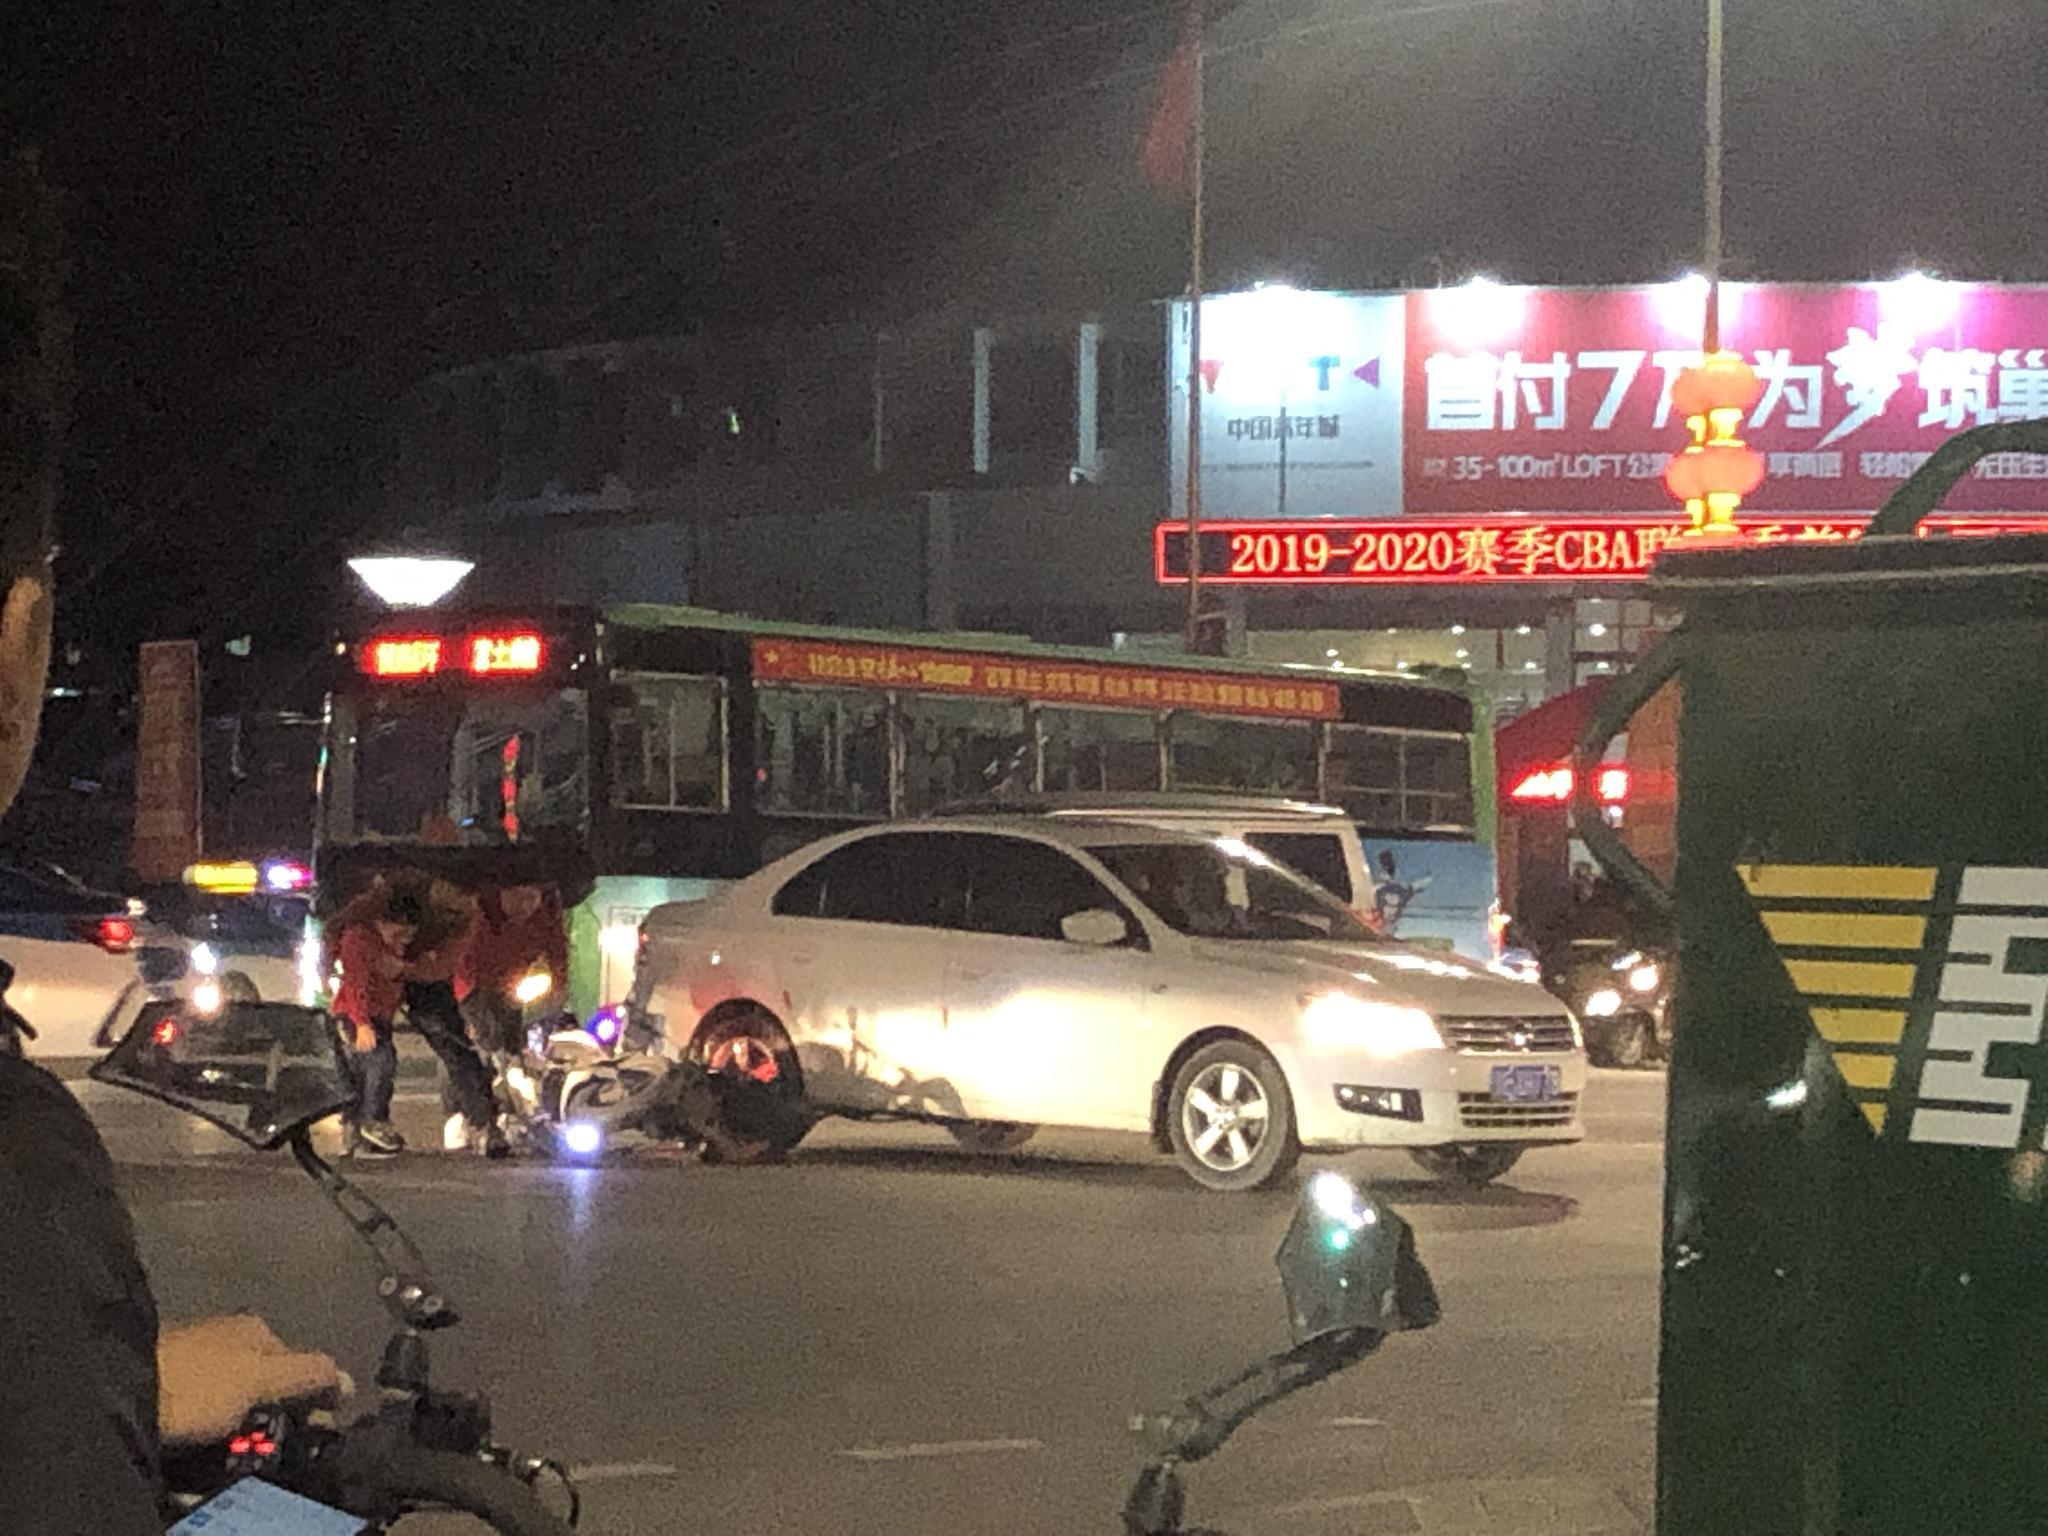 在文体宫十字路口,一辆轿车与电动相撞,电动车上是一家三口